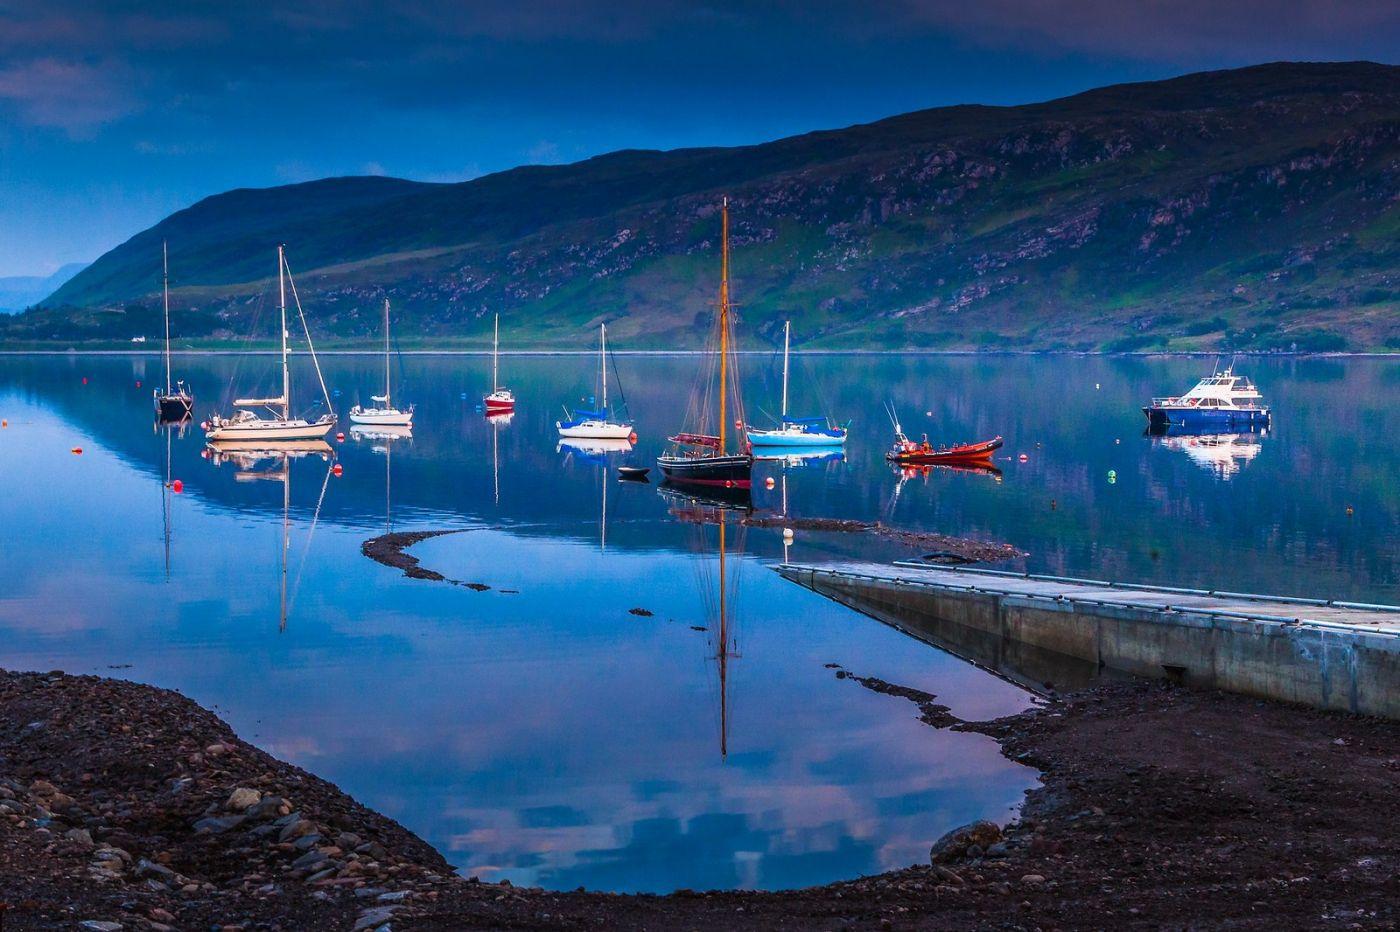 苏格兰阿勒浦(Ullapool),如镜的湖面_图1-11